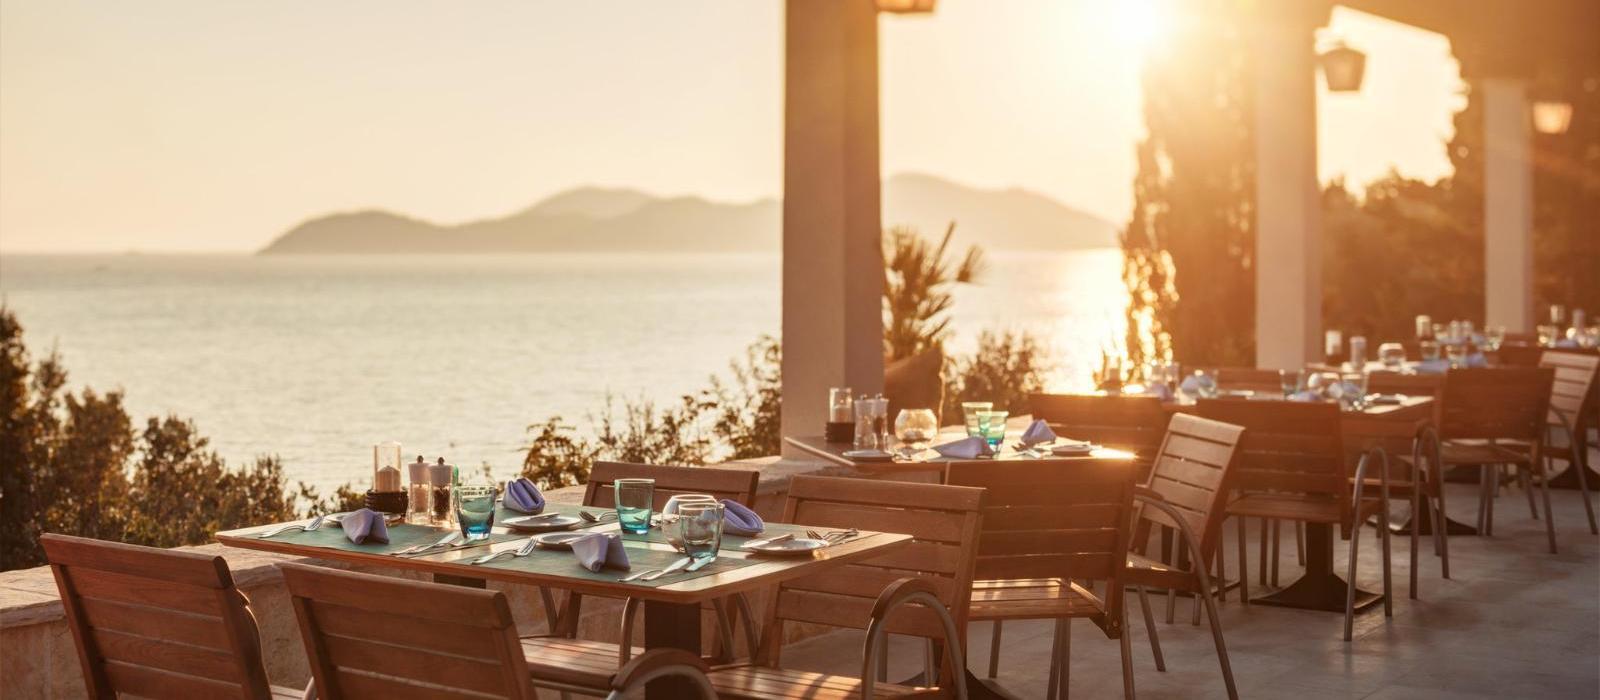 杜布罗夫尼克太阳花园度假酒店(Sun Gardens Dubrovnik) 图片  www.lhw.cn